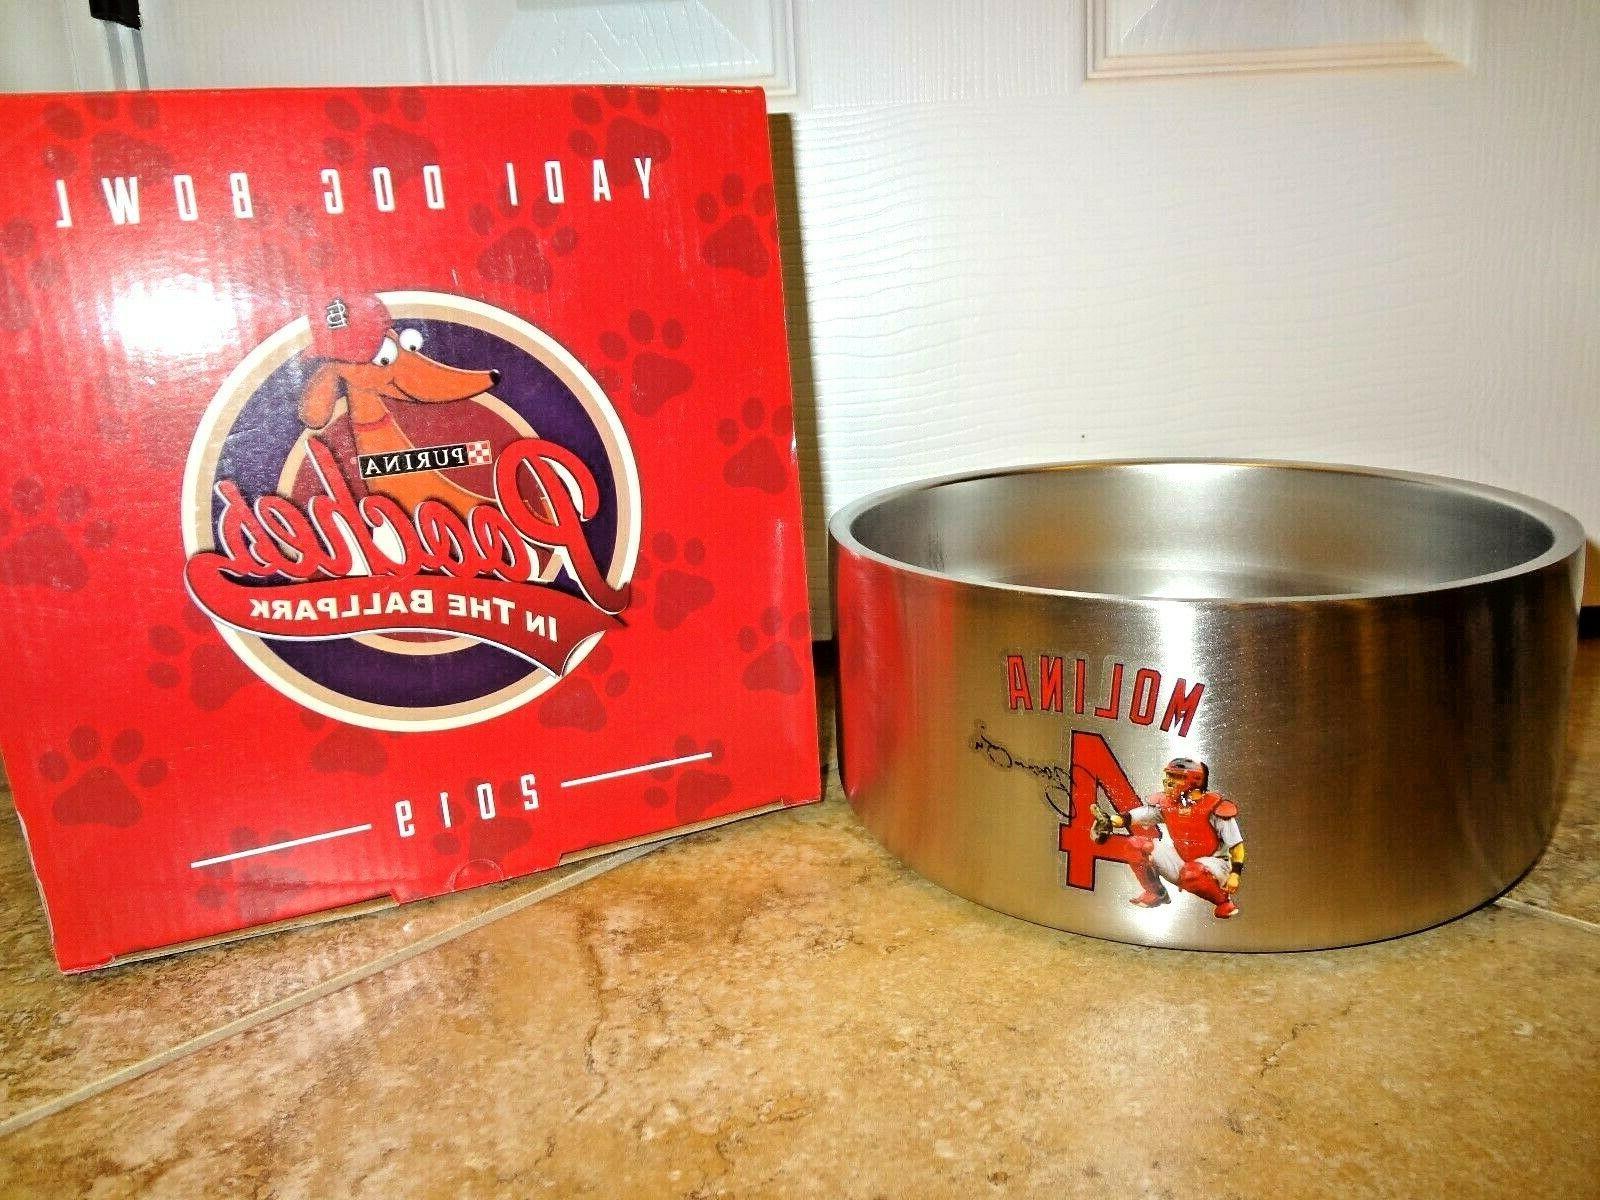 st louis cardinals yadier molina dog bowl